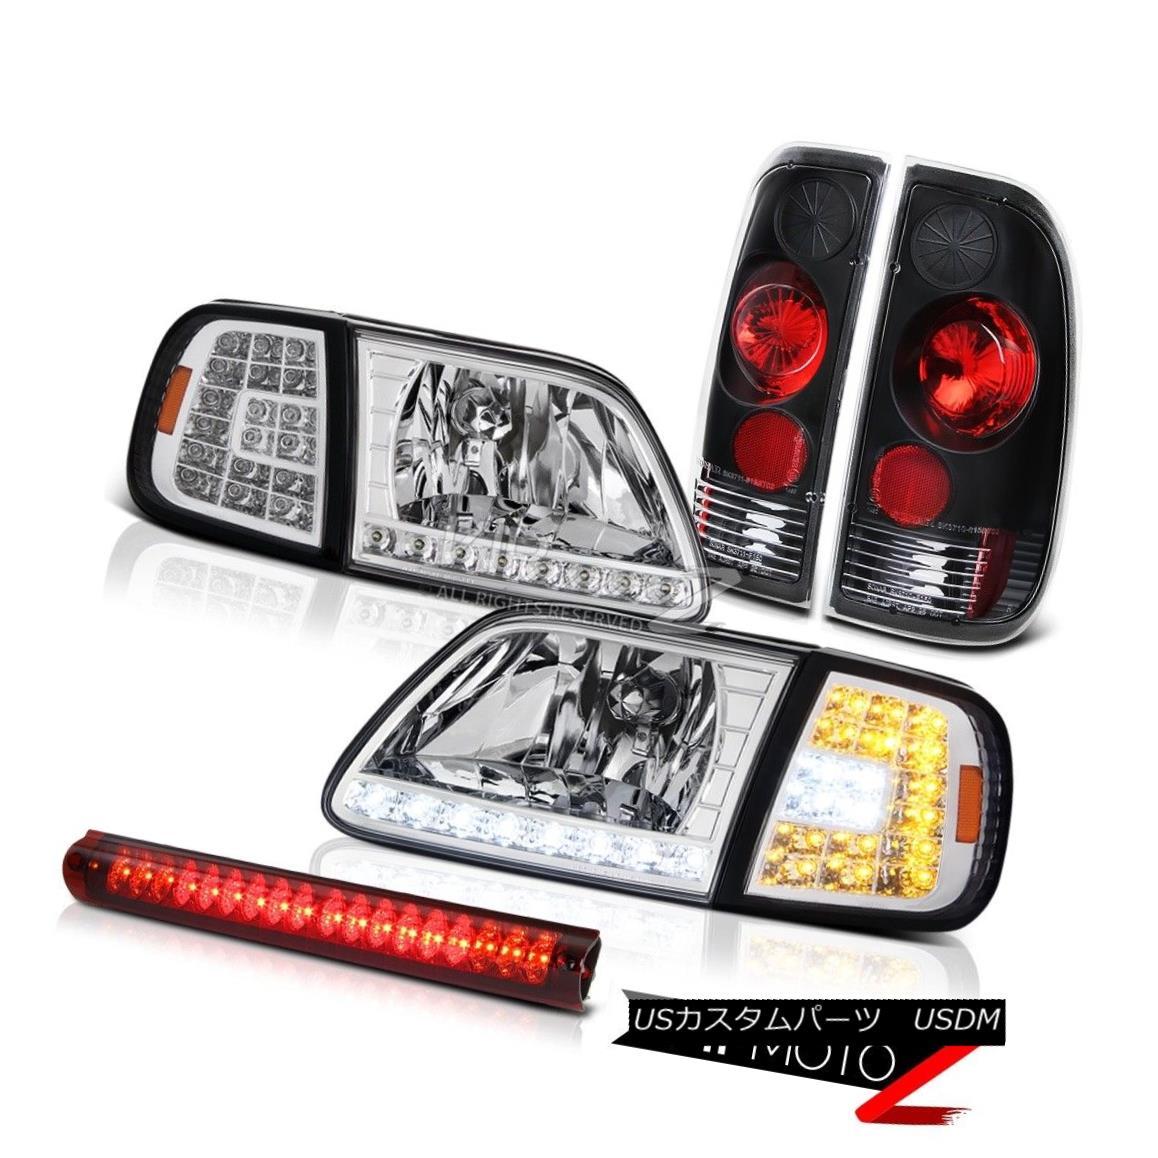 ヘッドライト 97-03 F150 XL Crystal LED Corner Headlight Signal Tail Light Black High Stop Red 97-03 F150 XLクリスタルLEDコーナーヘッドライト信号テールライトブラックハイストップレッド